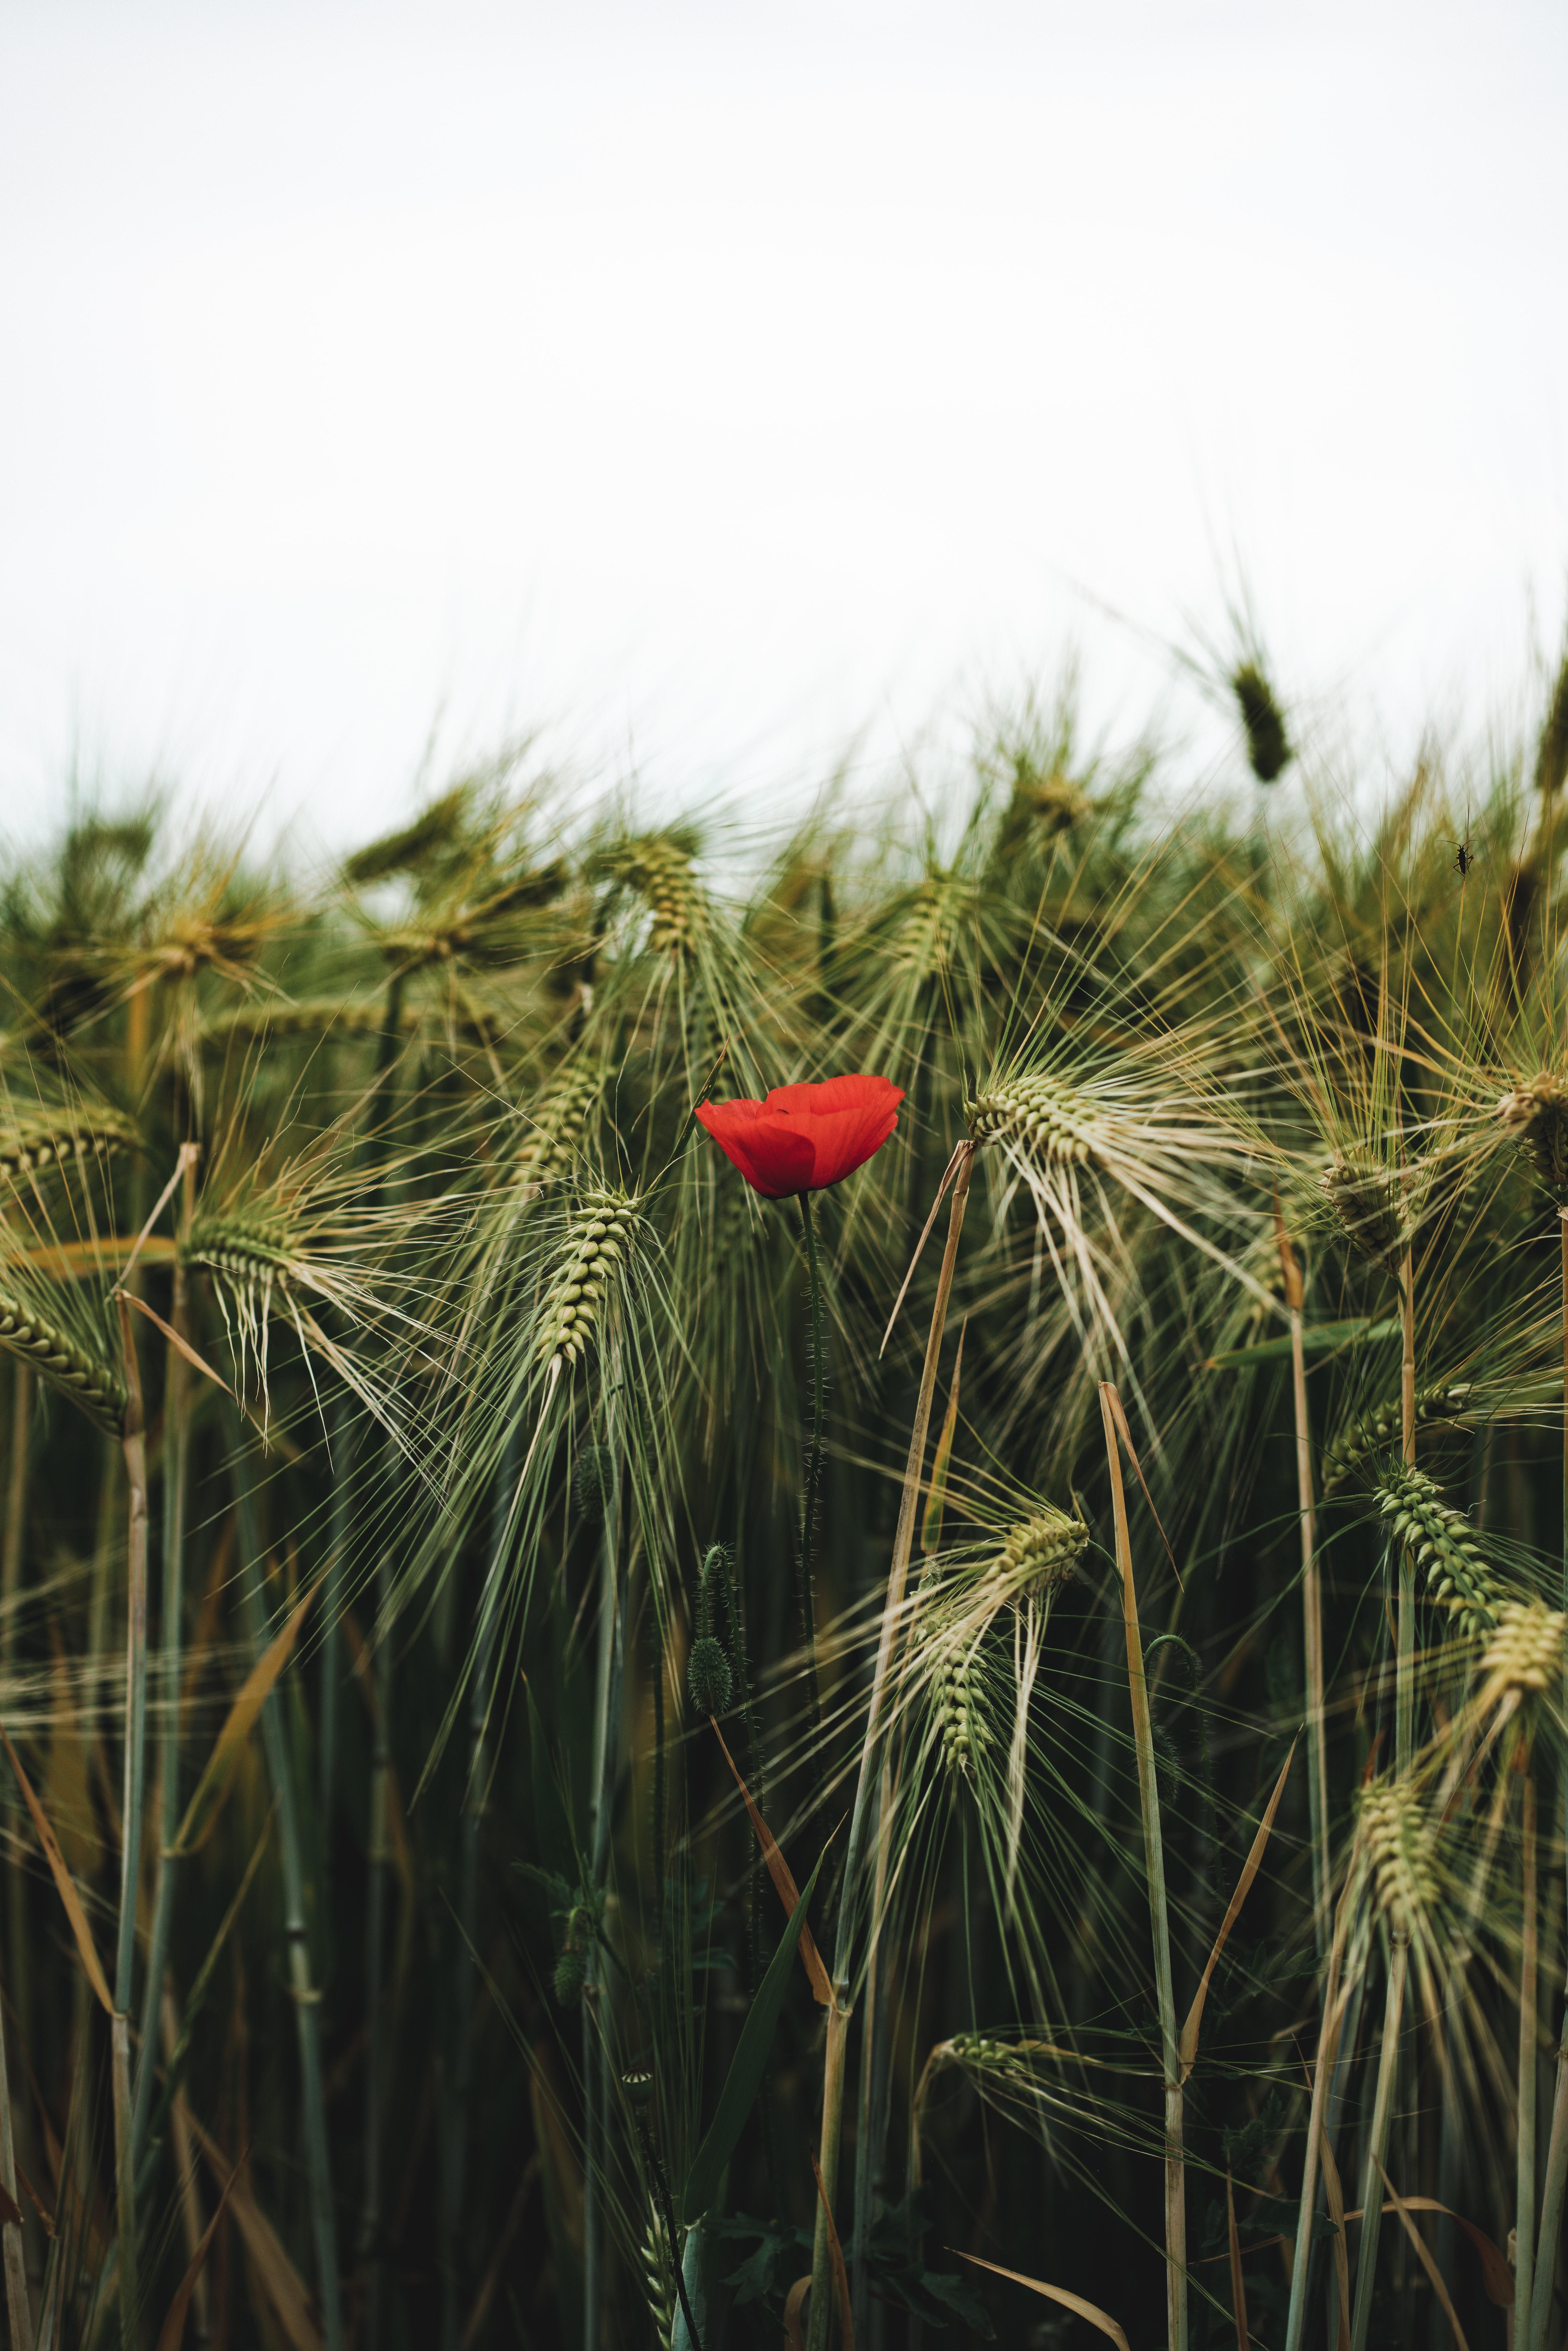 126016 скачать обои Цветы, Мак, Колосья, Трава, Пшеница - заставки и картинки бесплатно